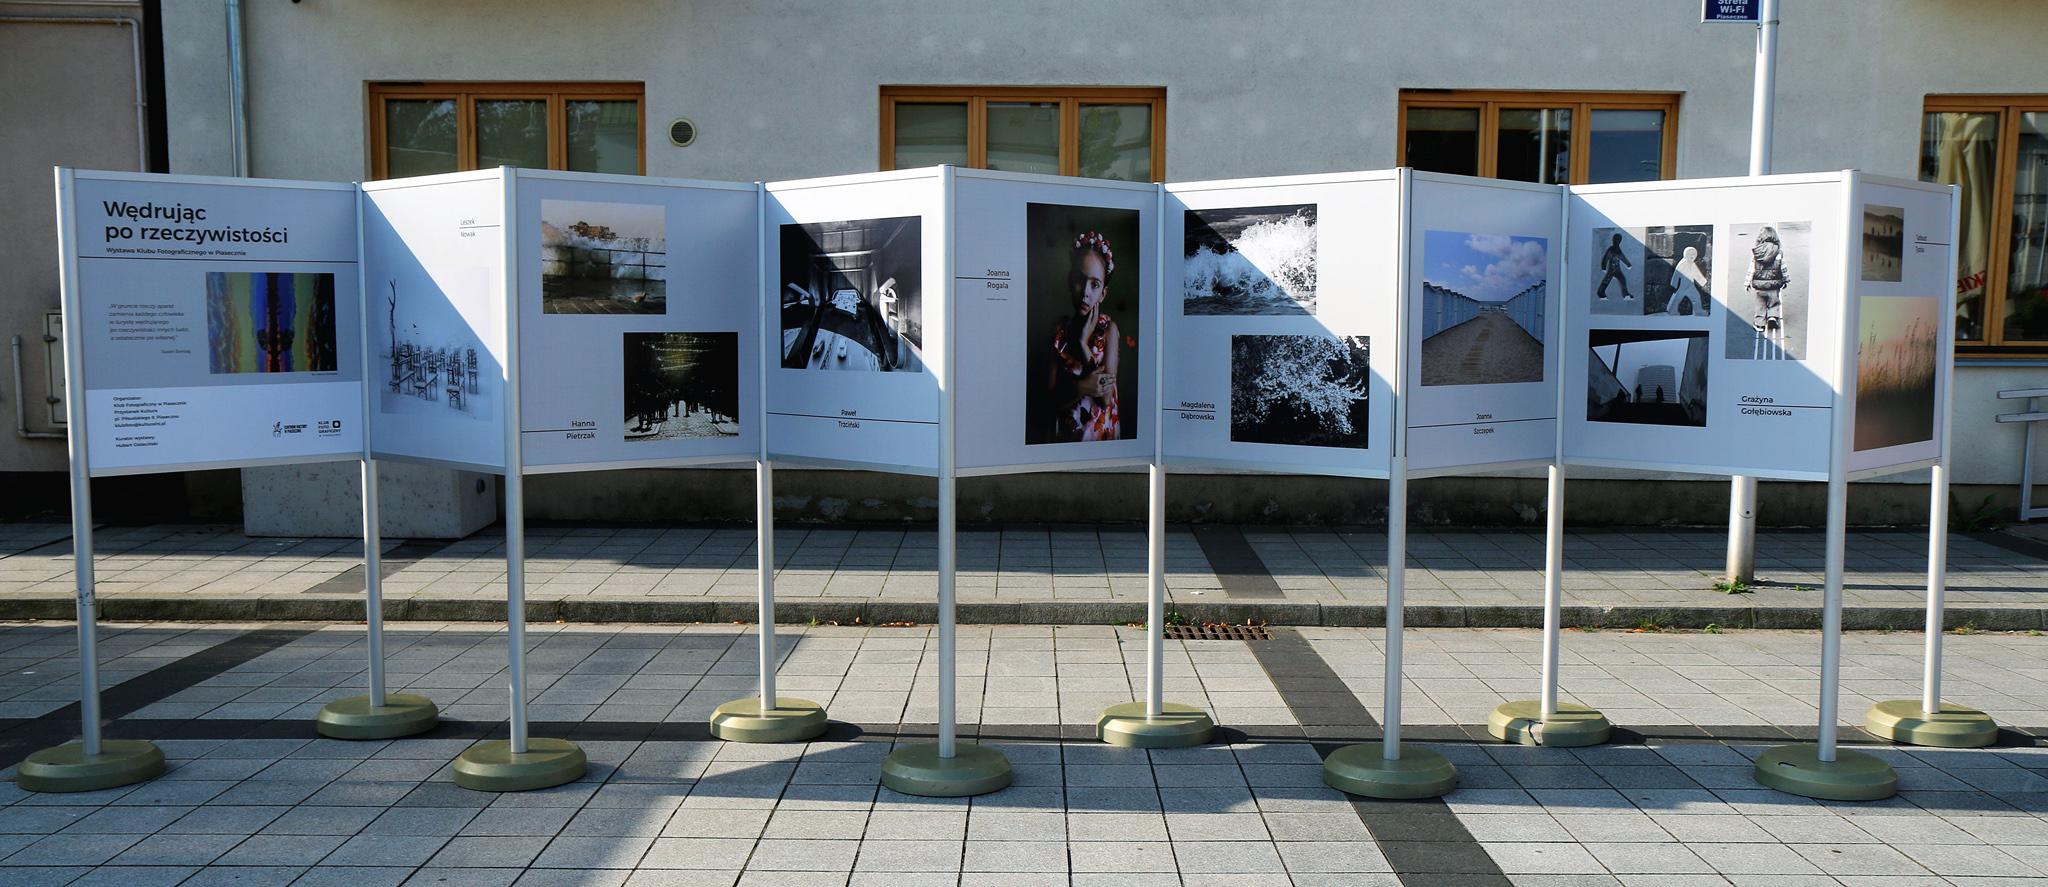 Ilustracja. Wędrując po rzeczywistości - wystawa fotograficzna członków Klubu Fotograficznego w Piasecznie